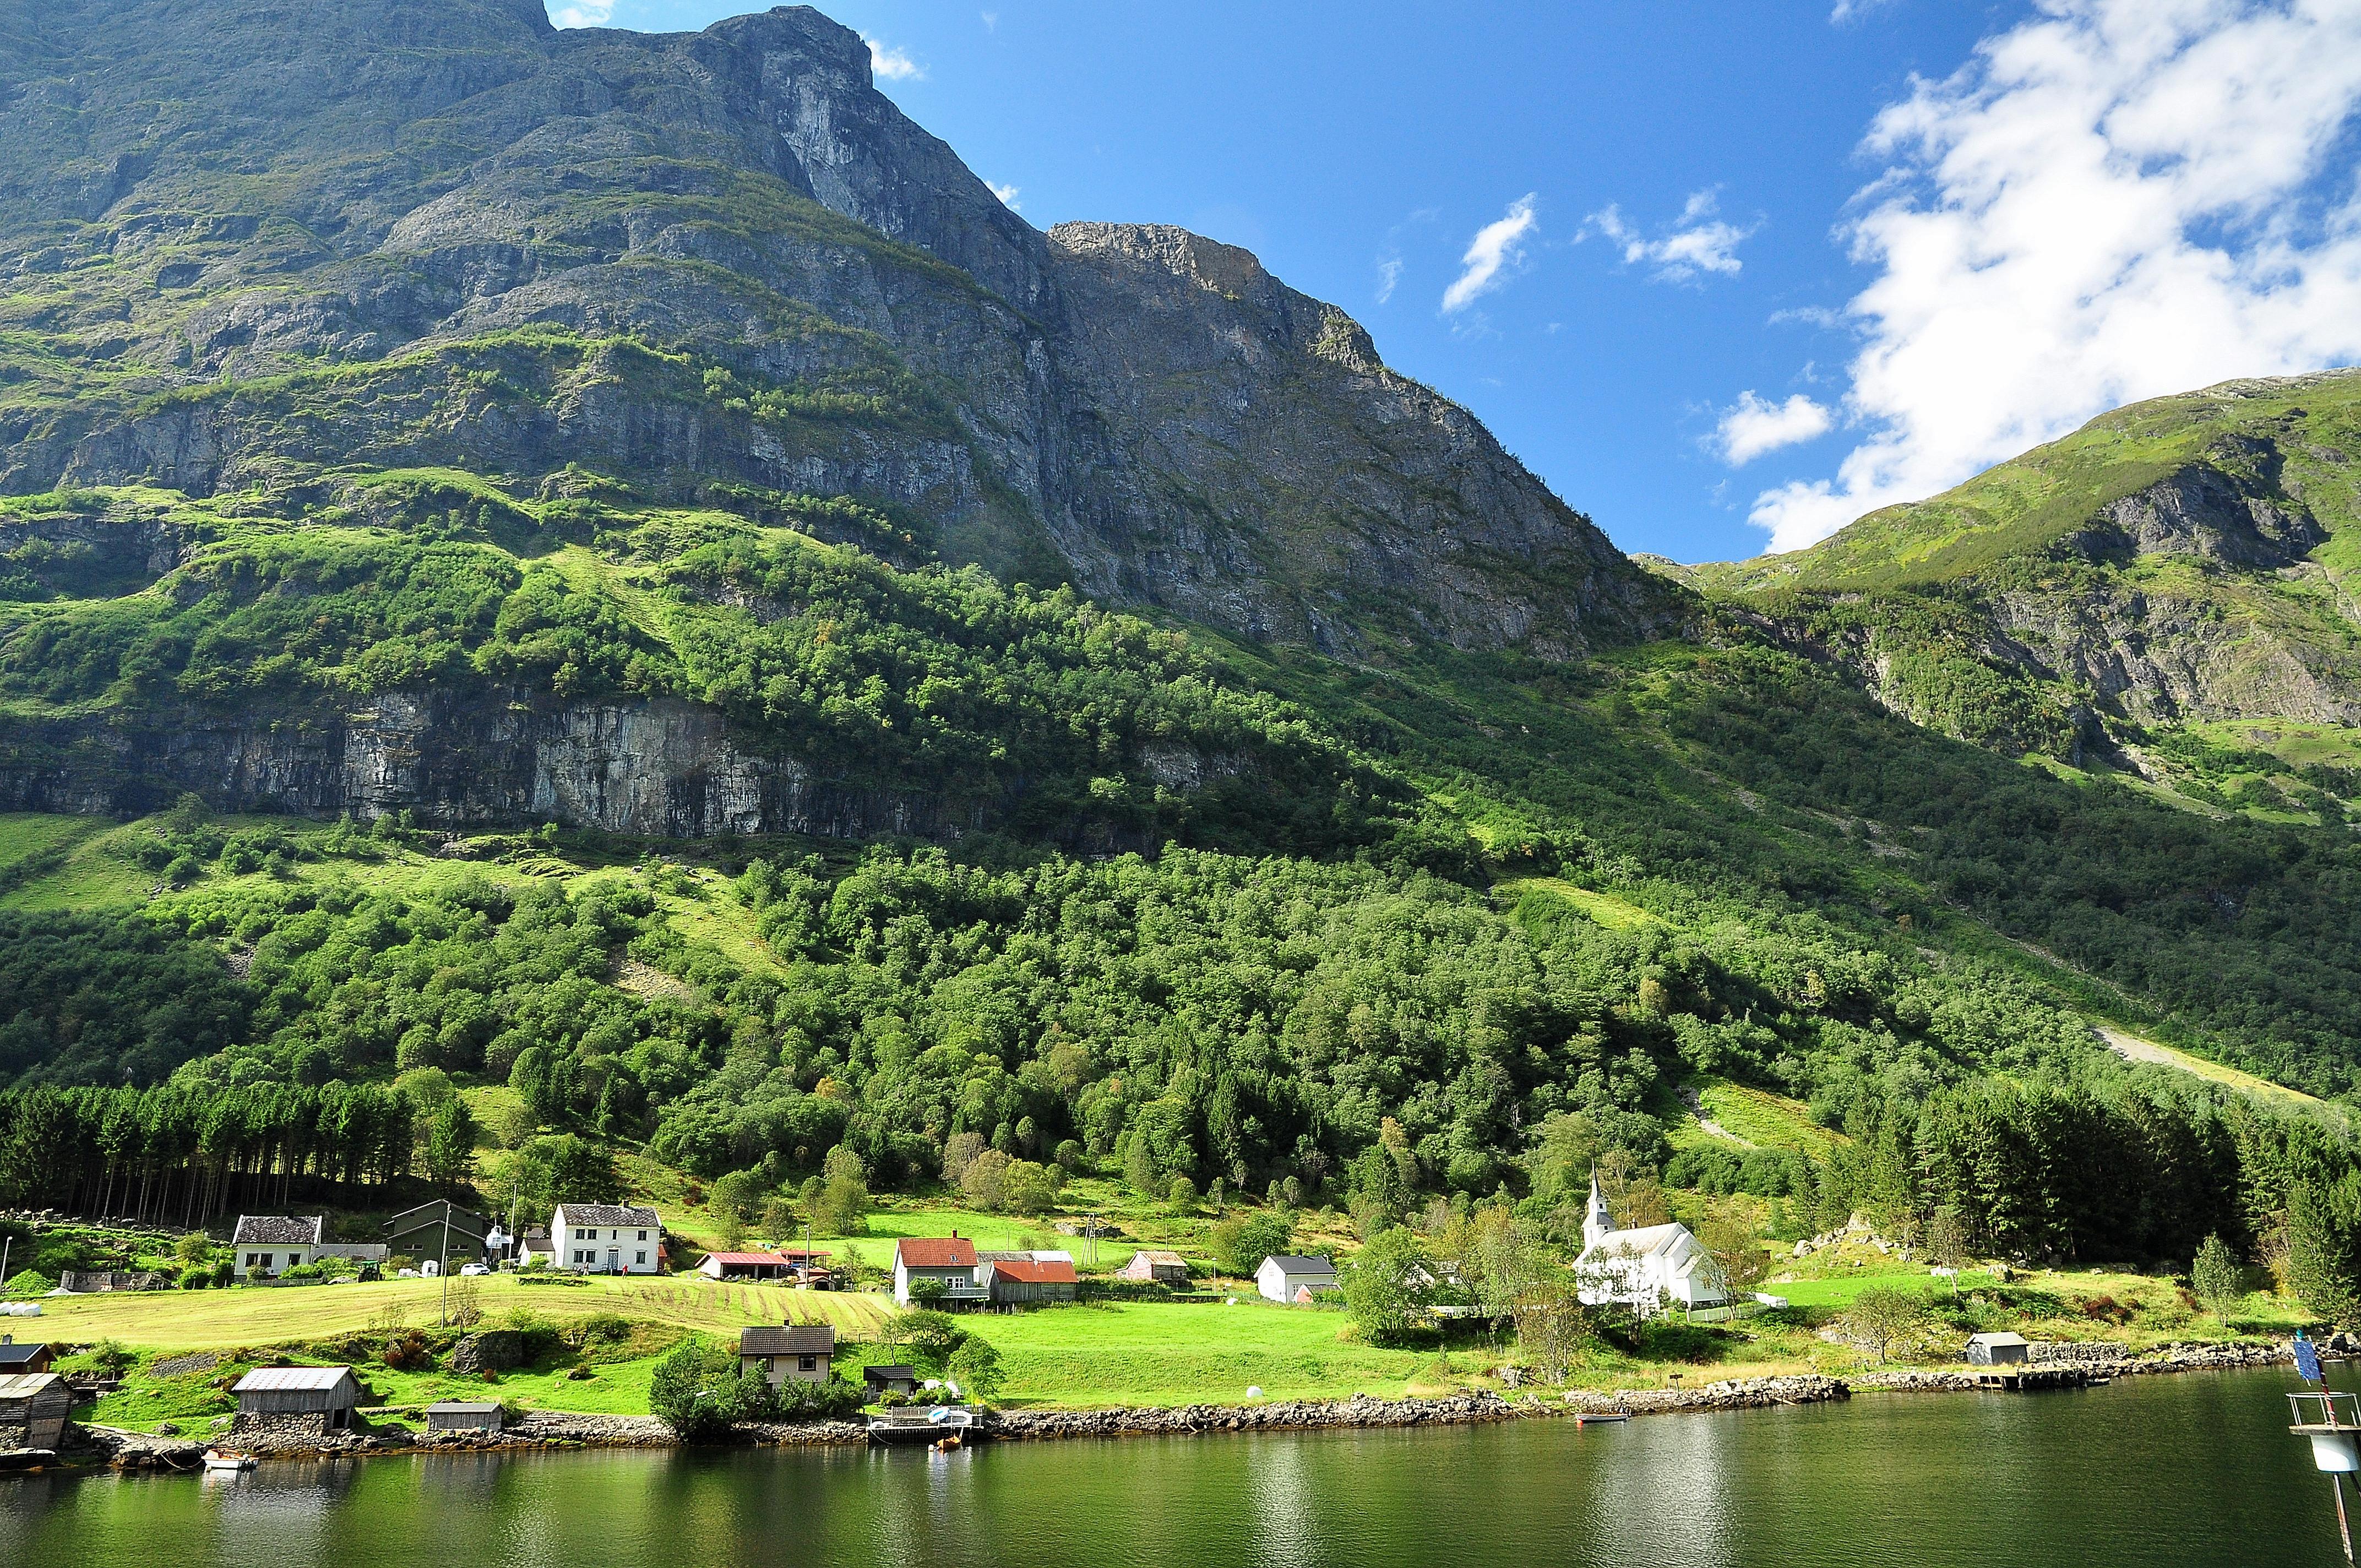 обои Norway fjord, Фьорд, Норвегия, река картинки фото